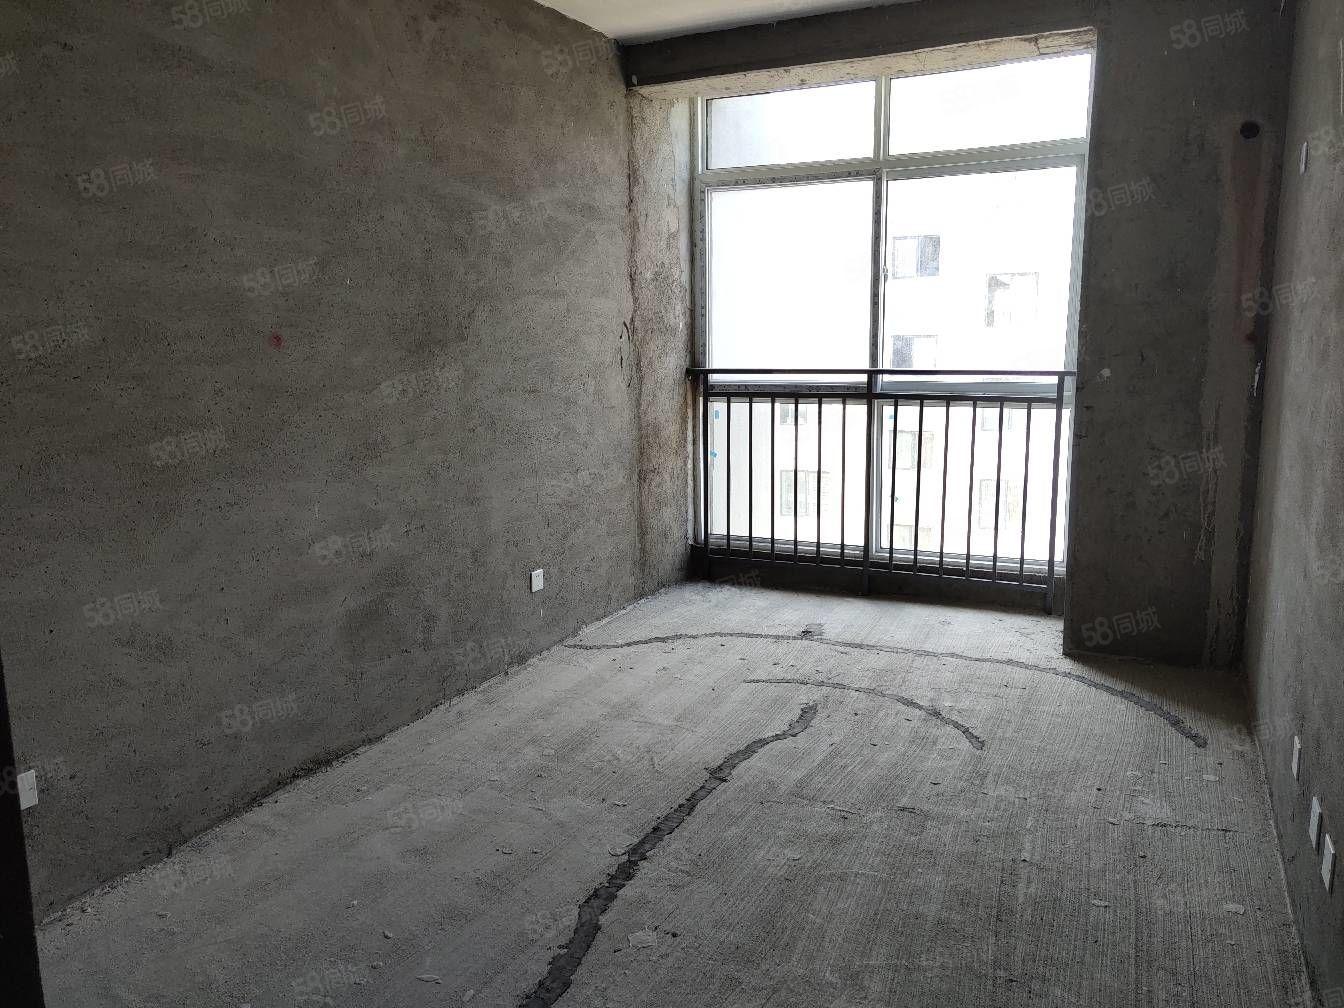 天下景城多层三室两厅,南北通透经典户型,带地上储藏室